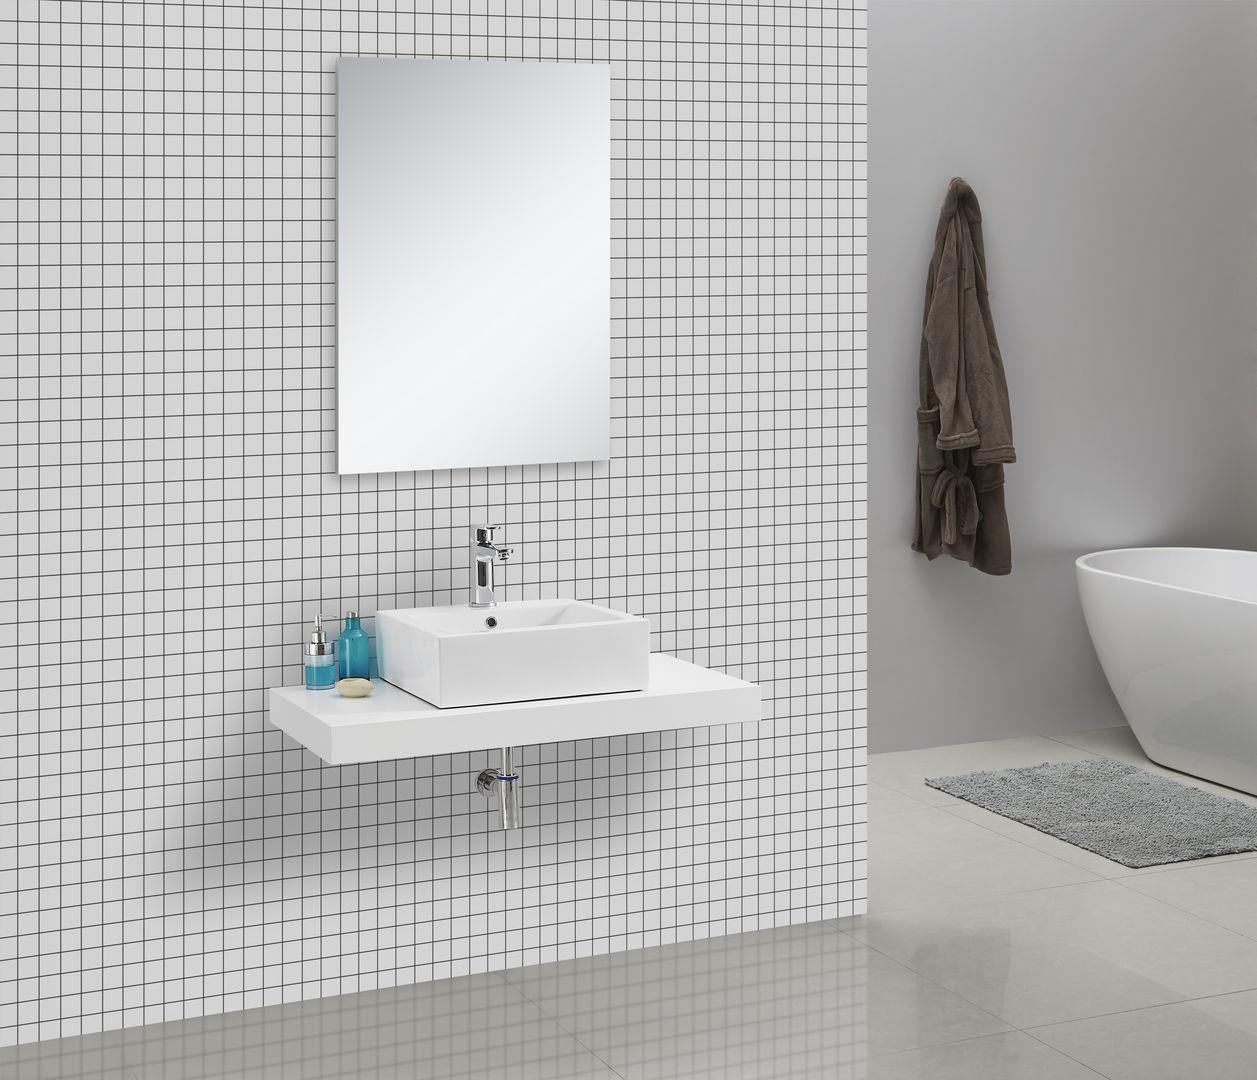 Waschtischkonsole 100 x 50 cm (weiß)